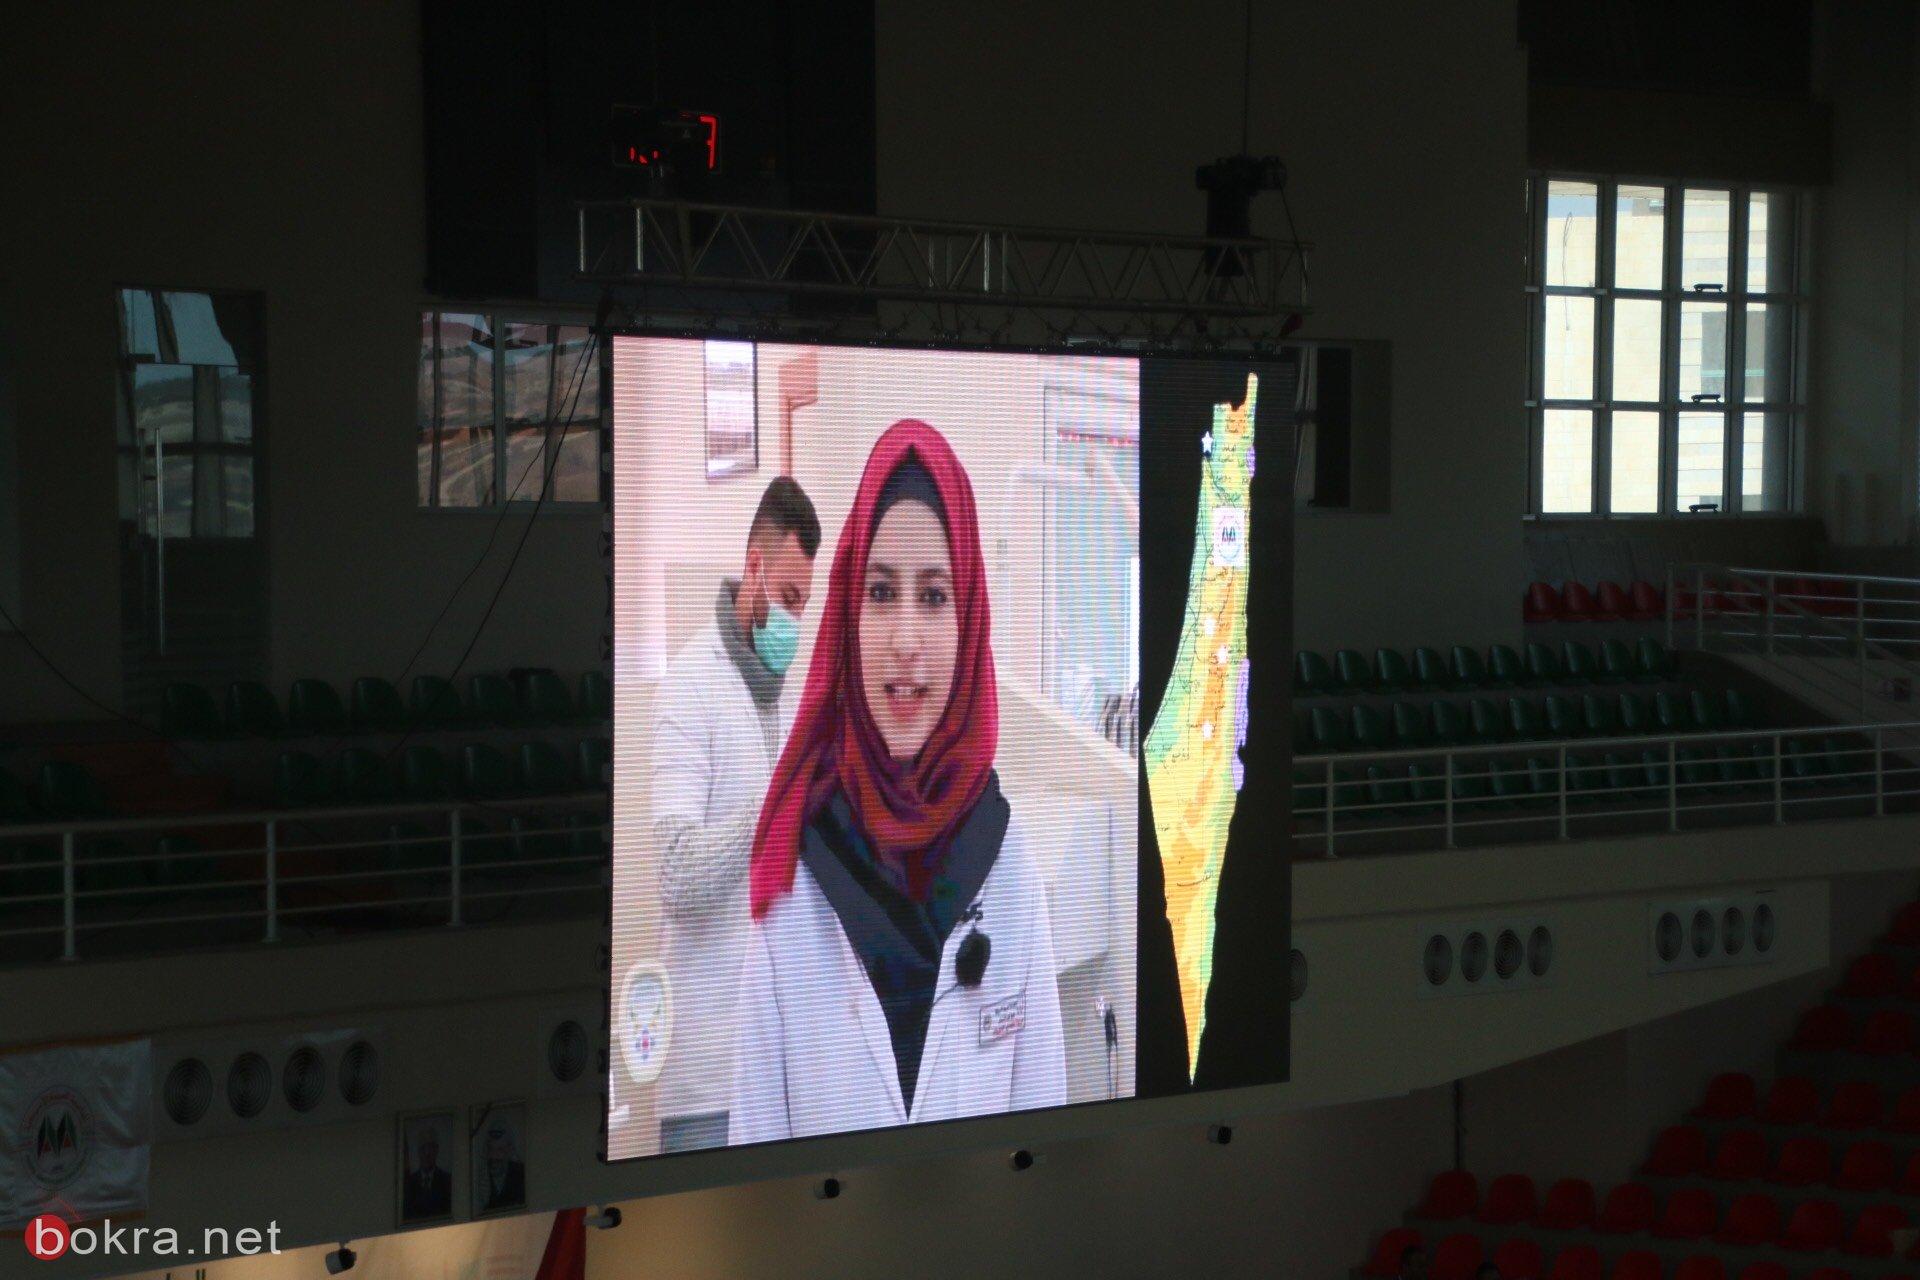 جنين: يوم إرشادي للطلبة الجدد في الجامعة بمناسبة افتتاح السنة